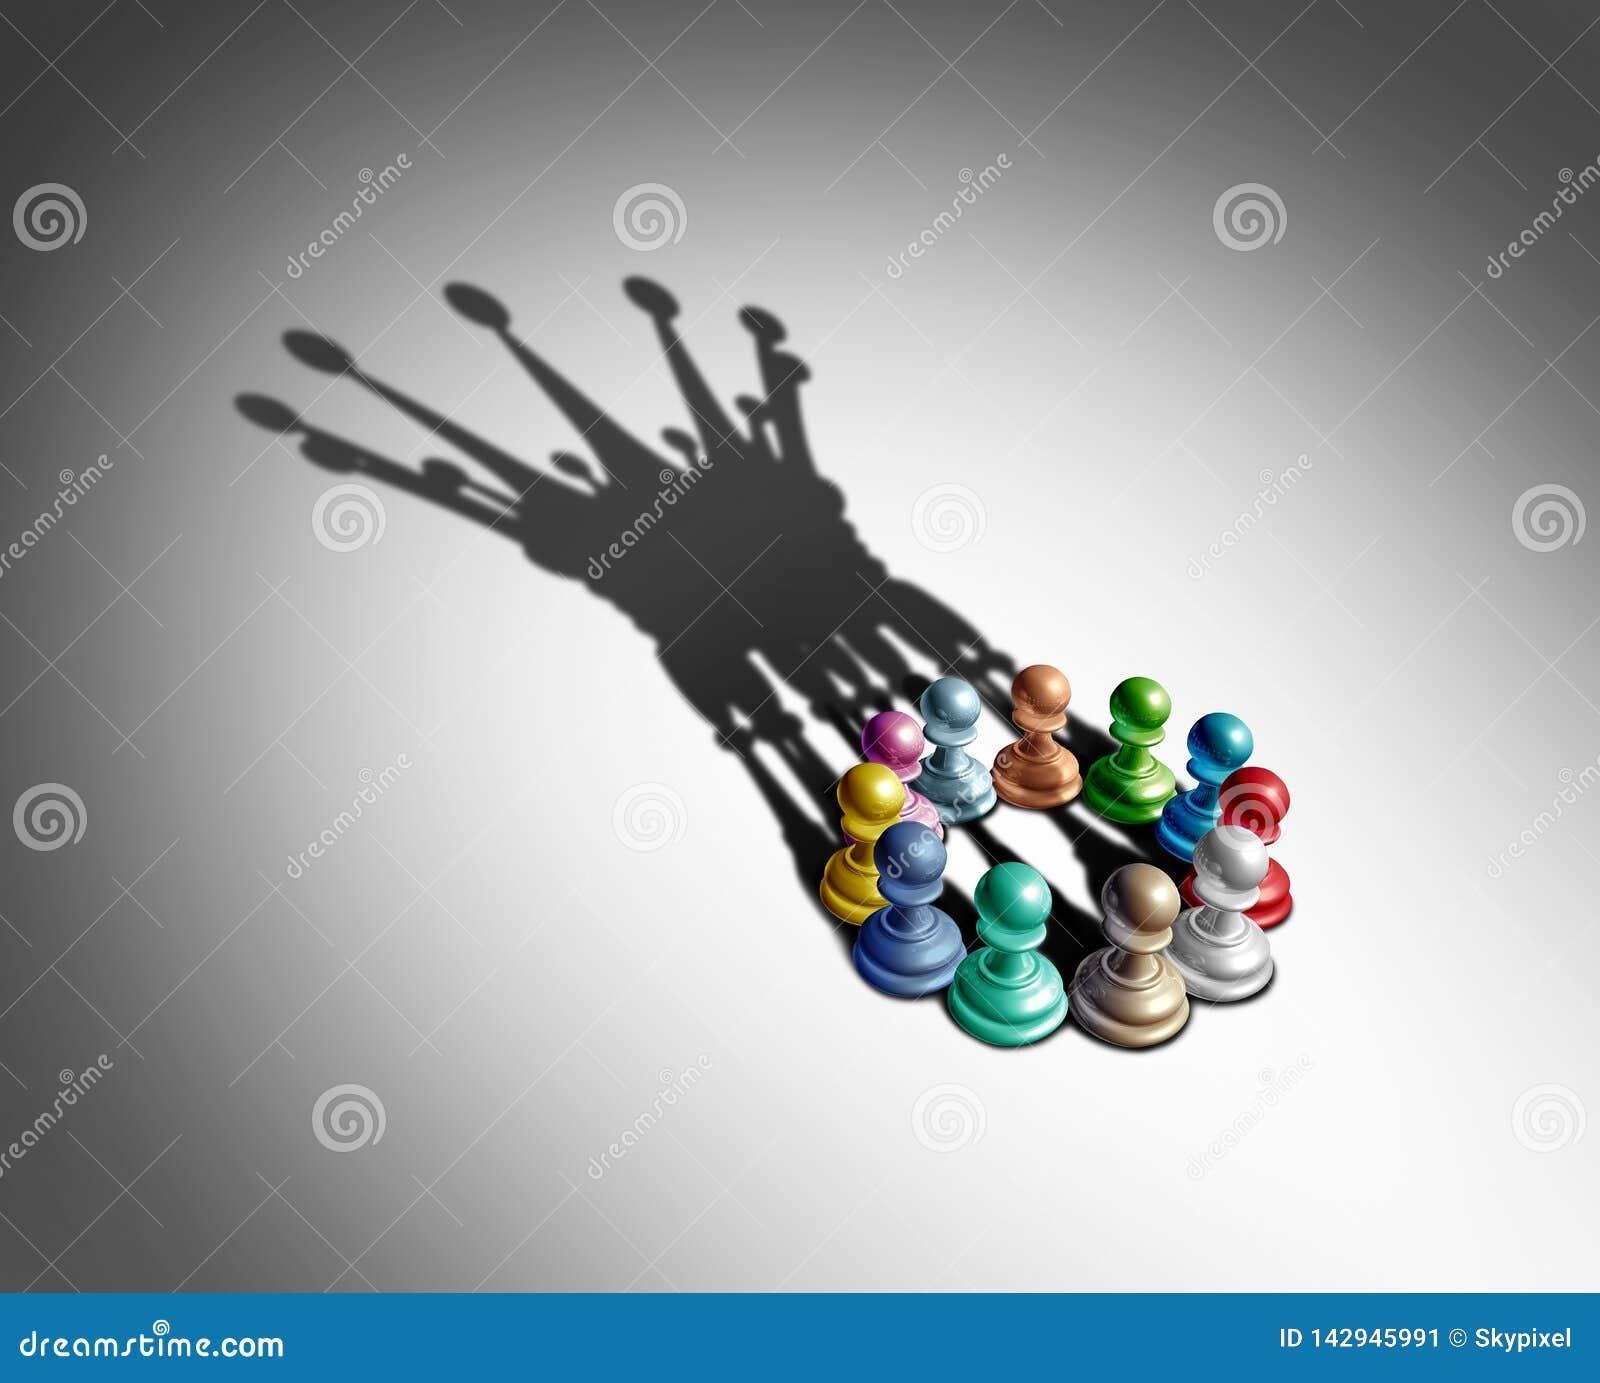 Biznesowy przywódctwo I różnorodność